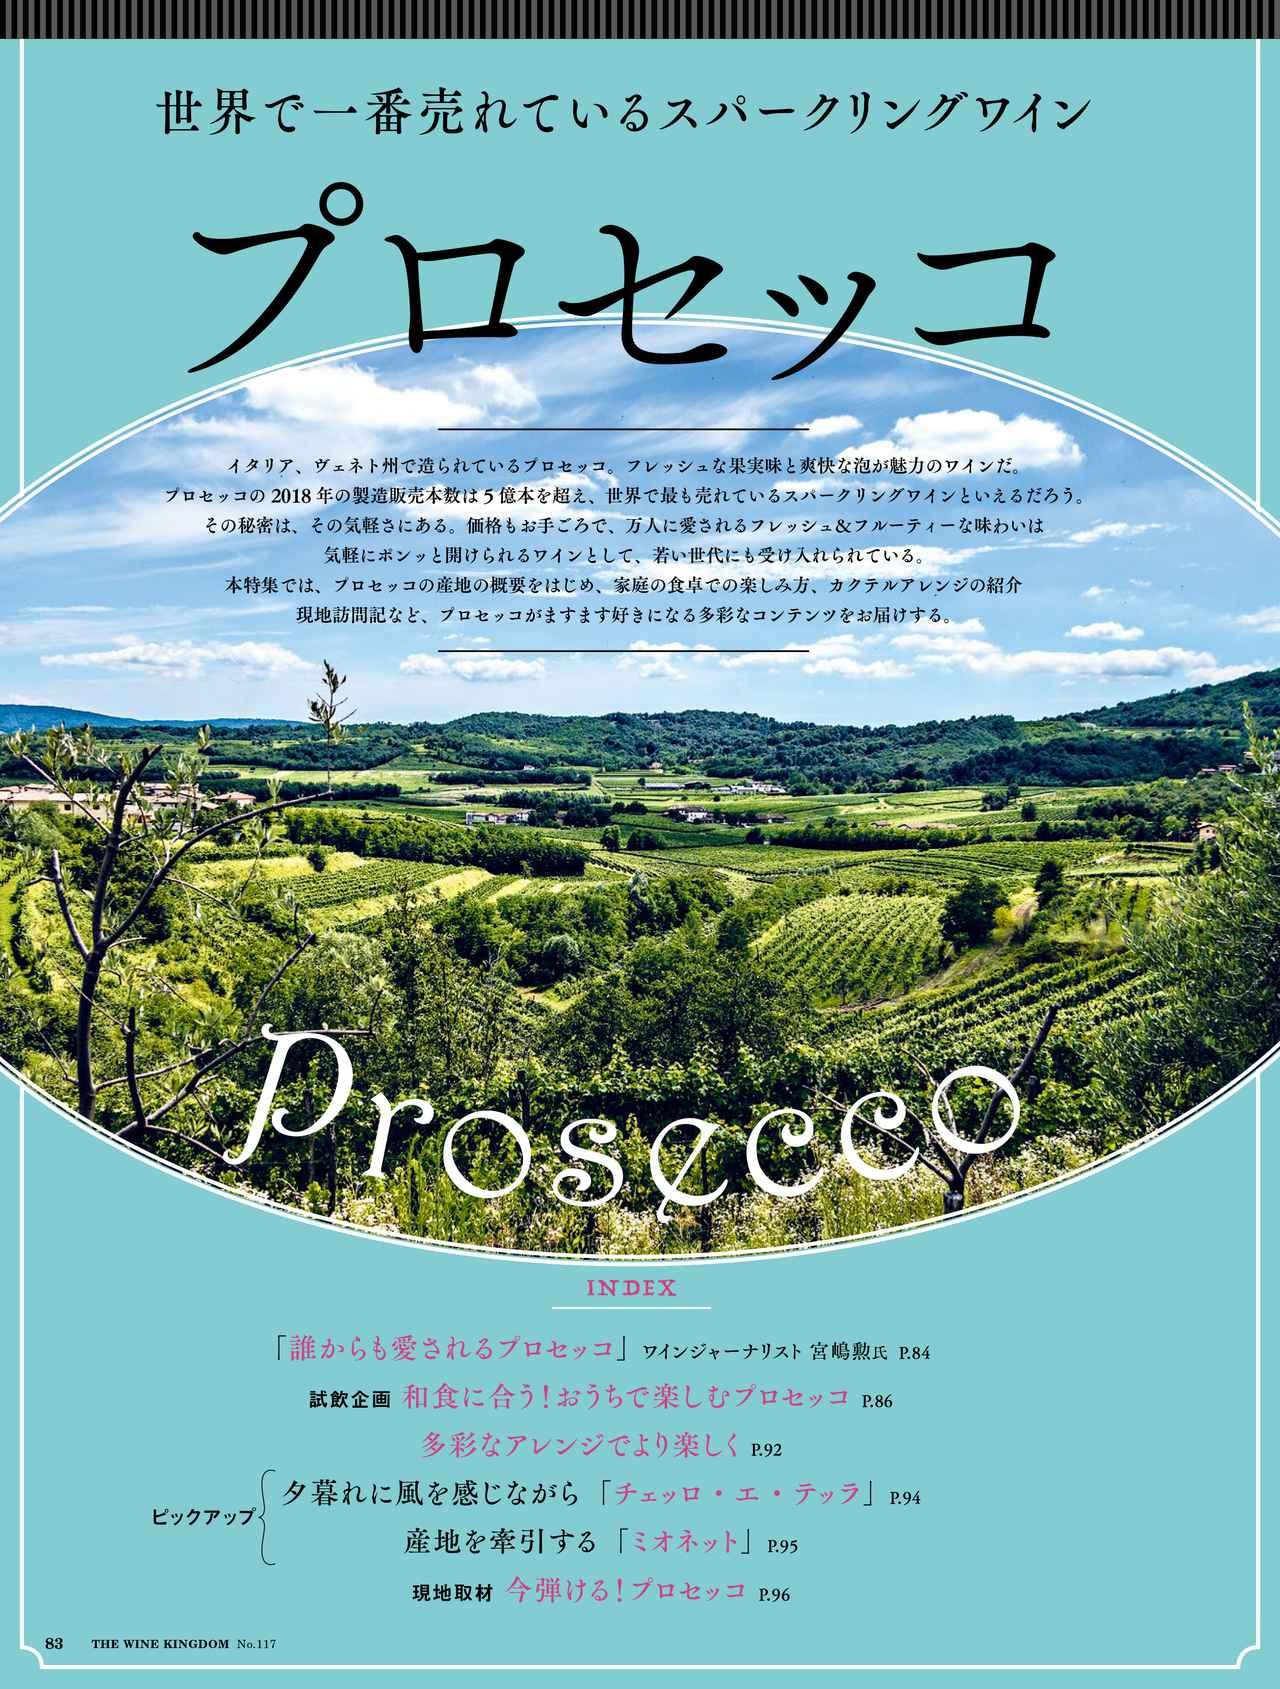 画像2: 『ワイン王国 117号』日本ワイン 注目のグラン・クリュを大特集/抽選で豪華商品もあり ラベルグランプリ開催